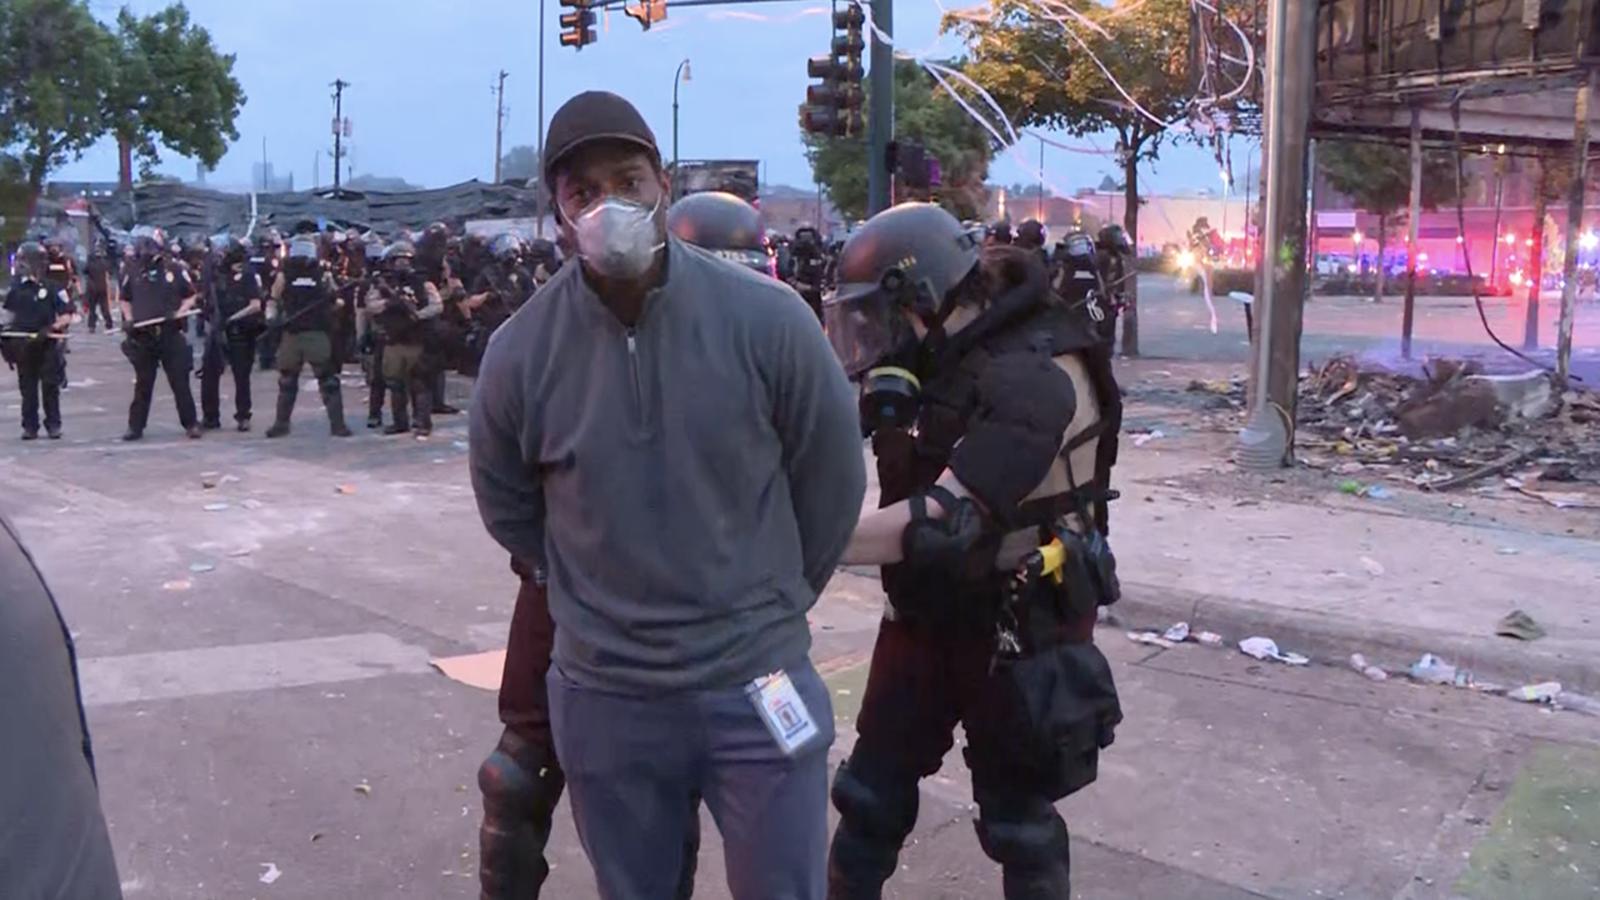 """【现场】CNN非裔记者明州抗议现场被捕 反复质问""""为什么抓我?"""""""